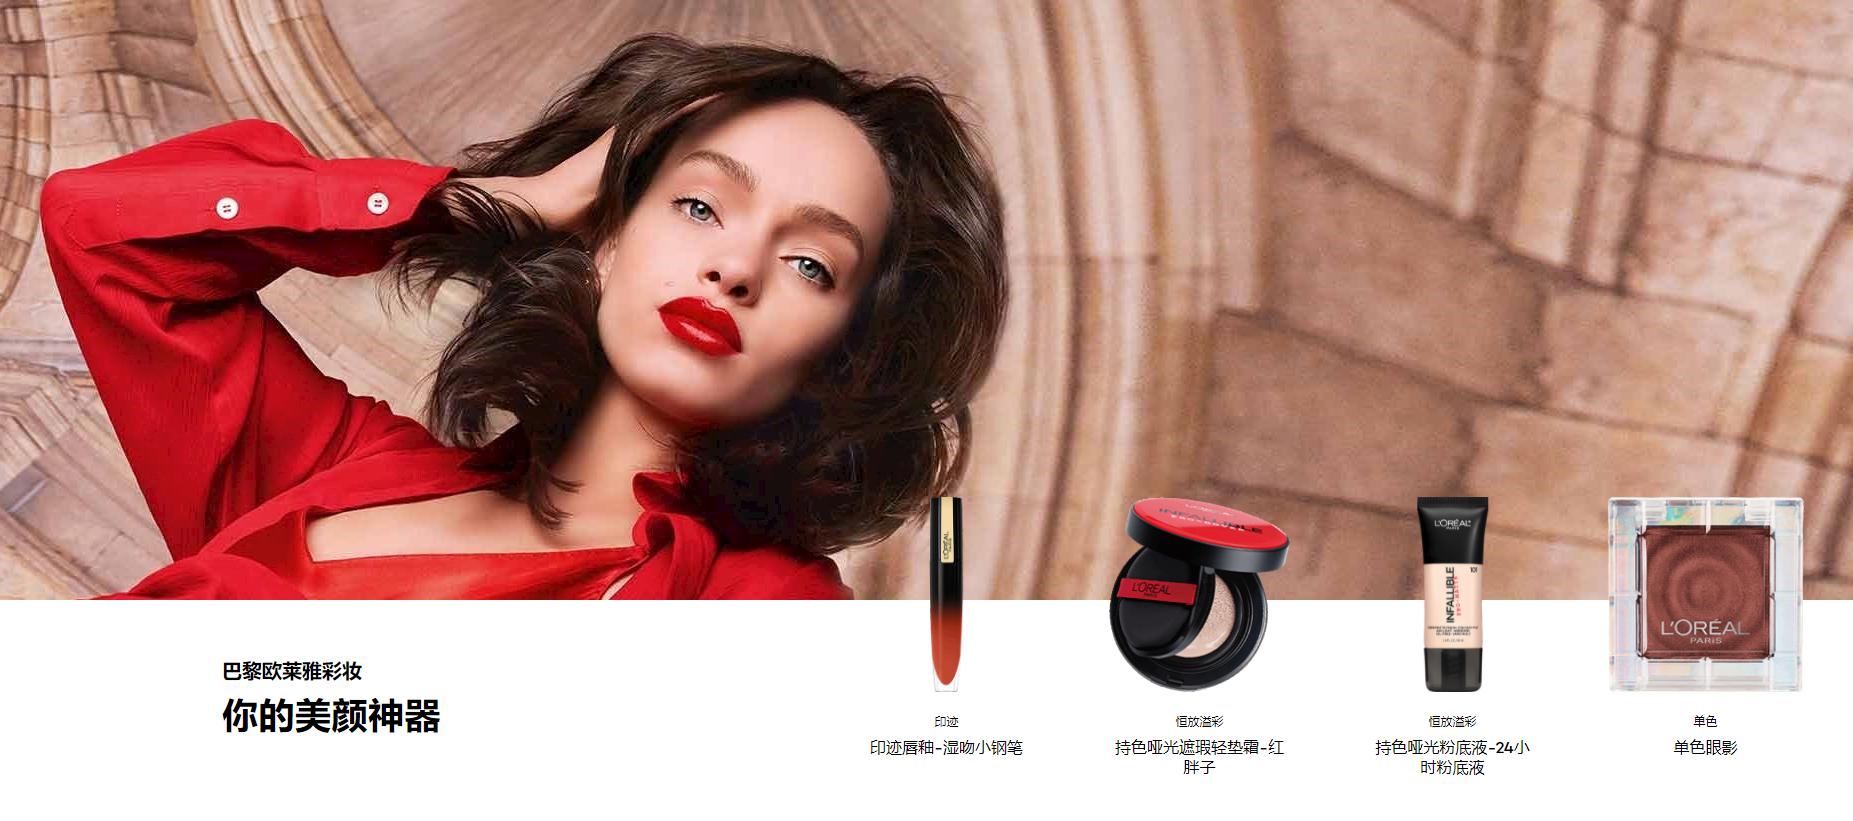 2021全球最有价值美妆品牌排行公布,百雀羚、自然堂两大国货品牌入榜